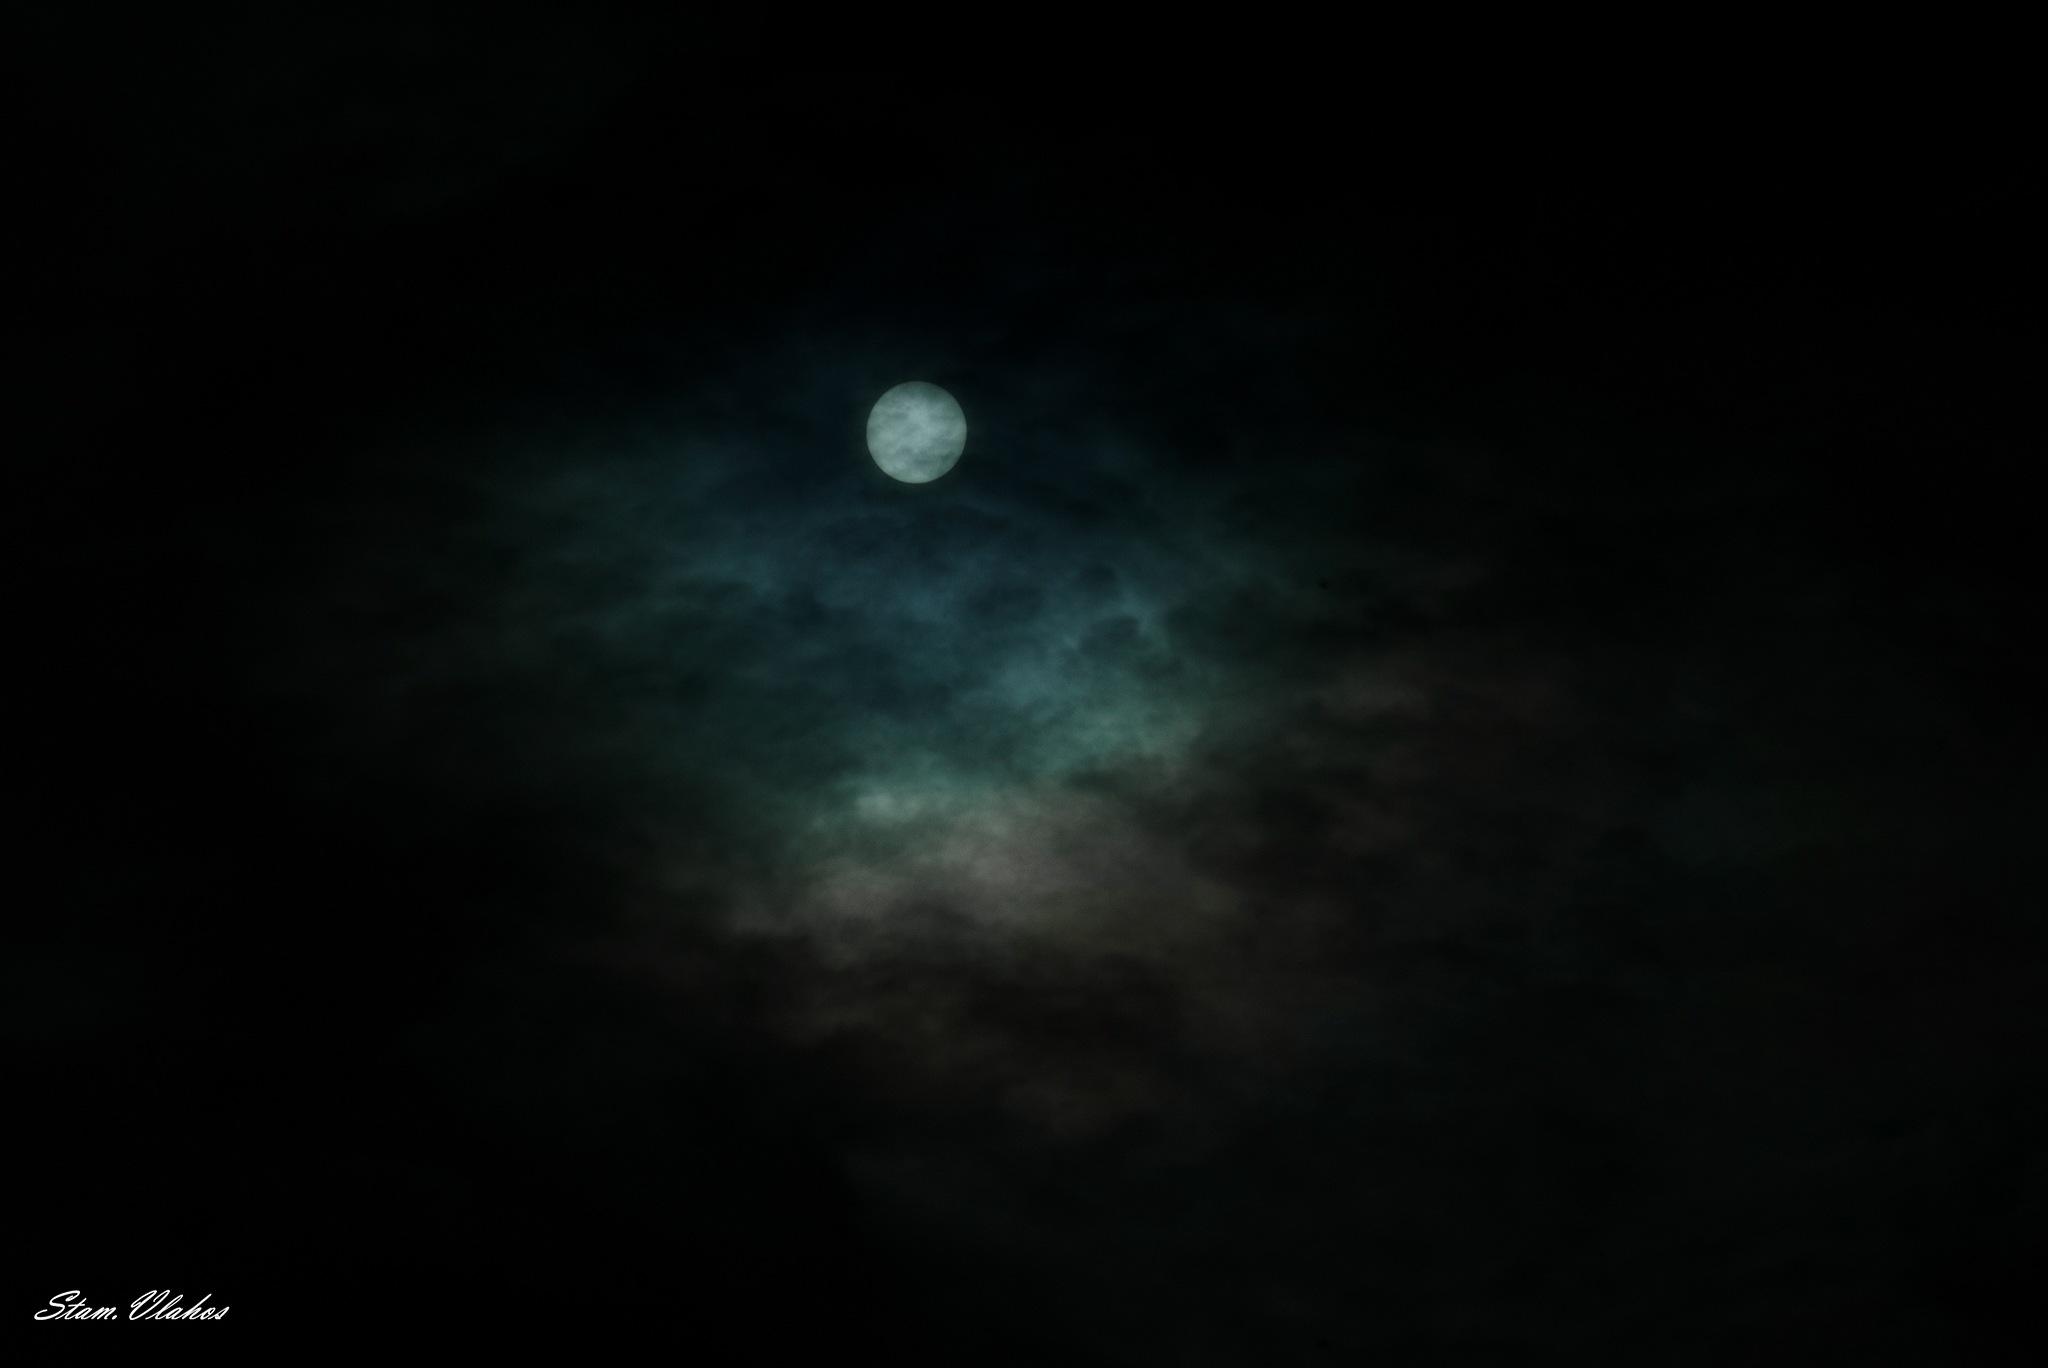 Mystery moon by Stamatis Vlahos